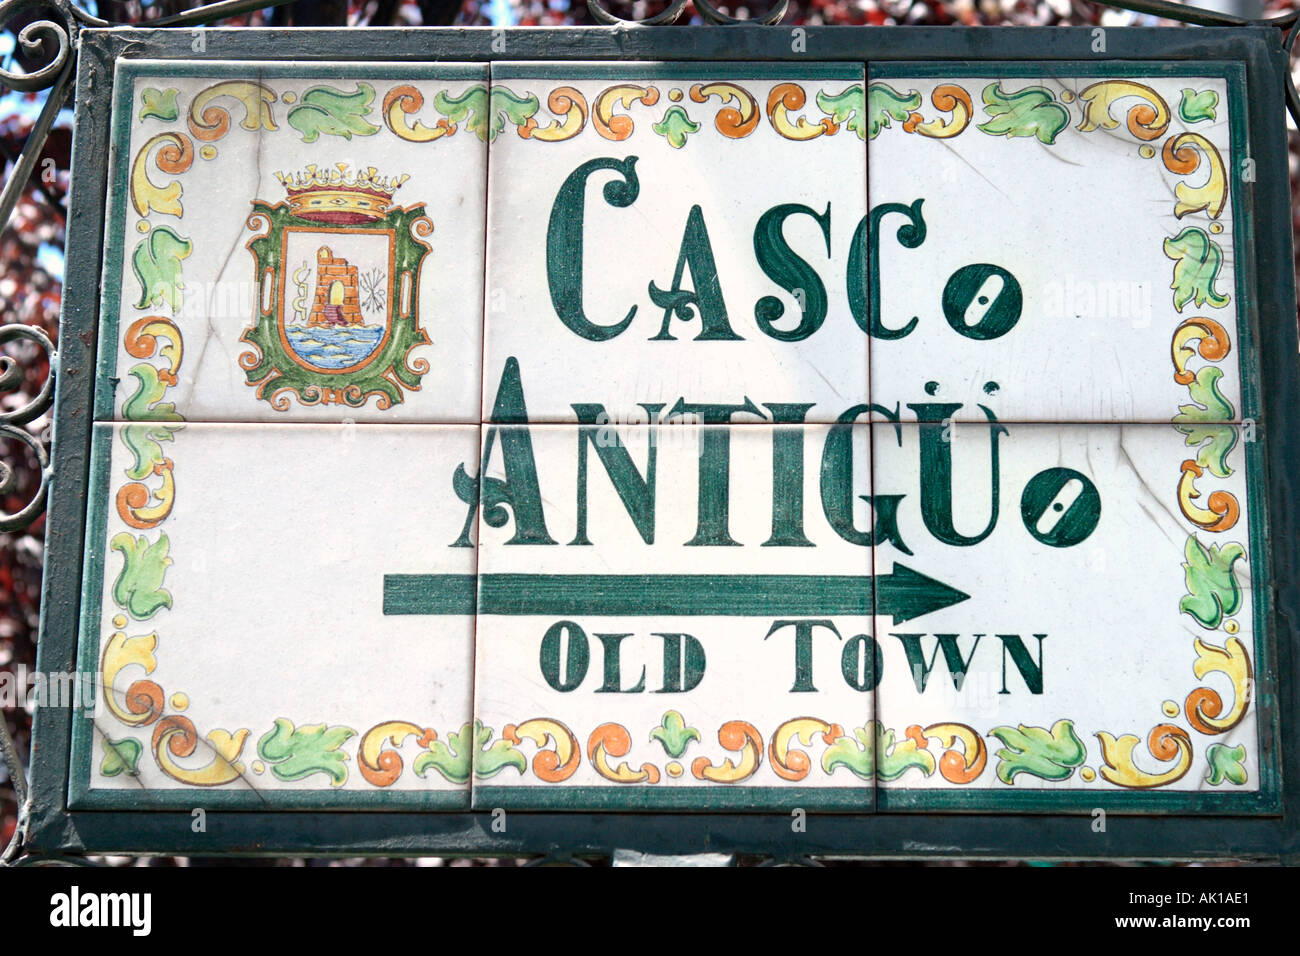 Segno di strada per raggiungere la Città Vecchia (Casco Antiguo), Marbella, Costa del Sol, Andalusia, Spagna Immagini Stock